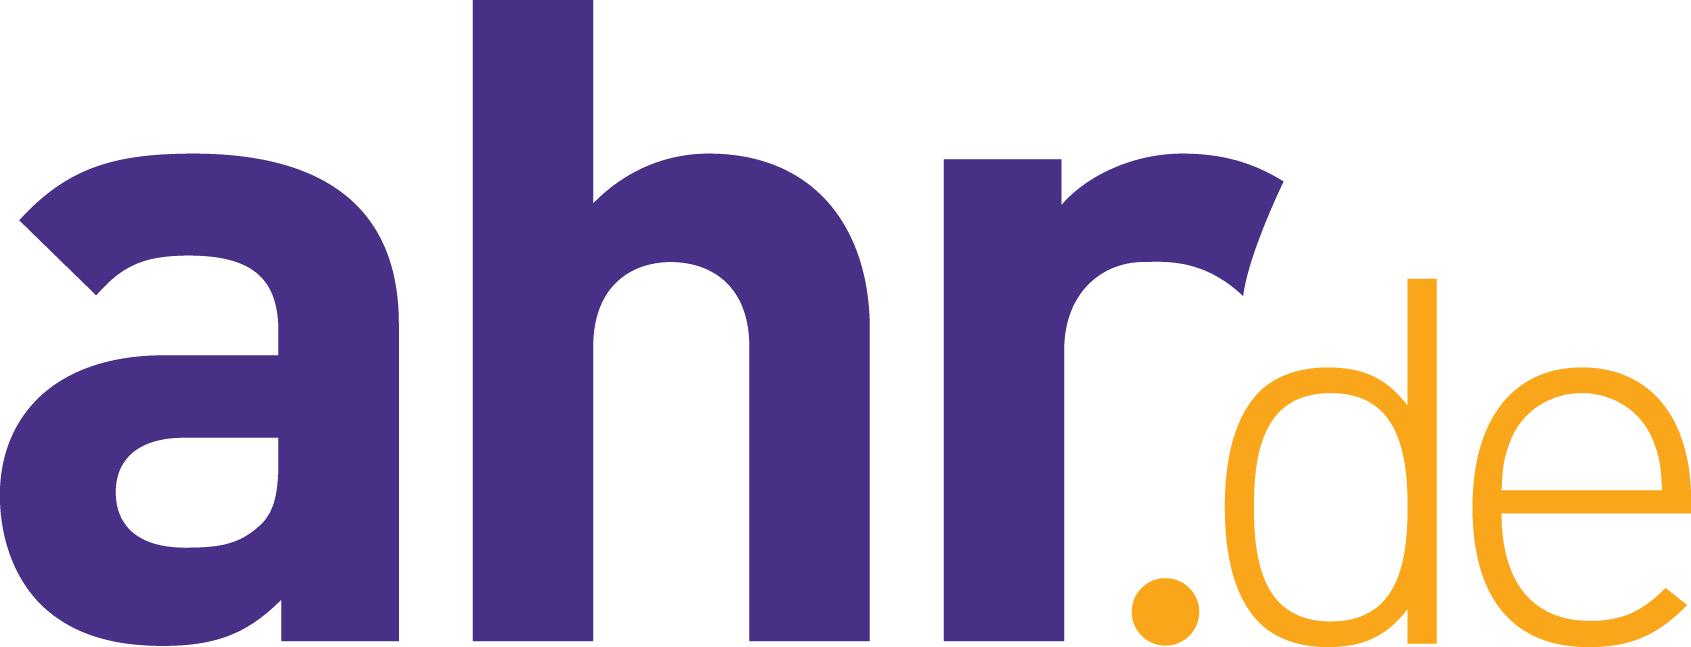 partner-ahr-de